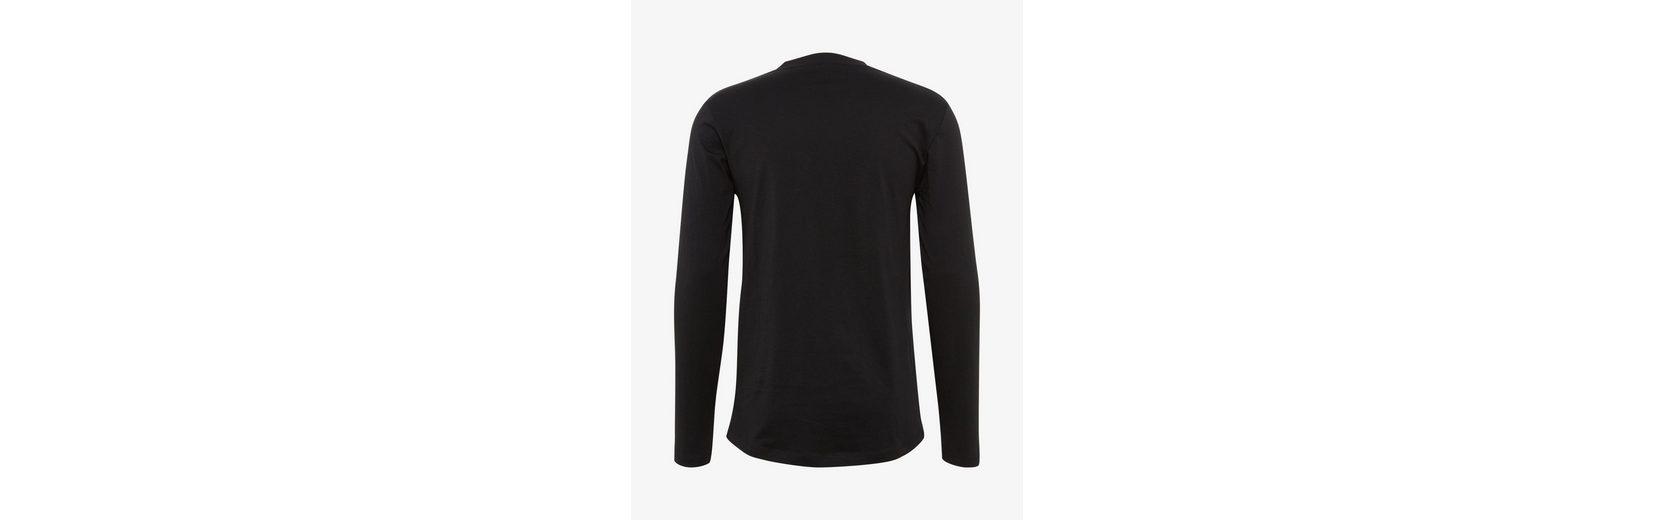 Freies Verschiffen Größte Lieferant Tom Tailor Denim T-Shirt Langarmshirt mit V-Ausschnitt Steckdose Billigsten Billig Verkauf Rabatt VROFByK